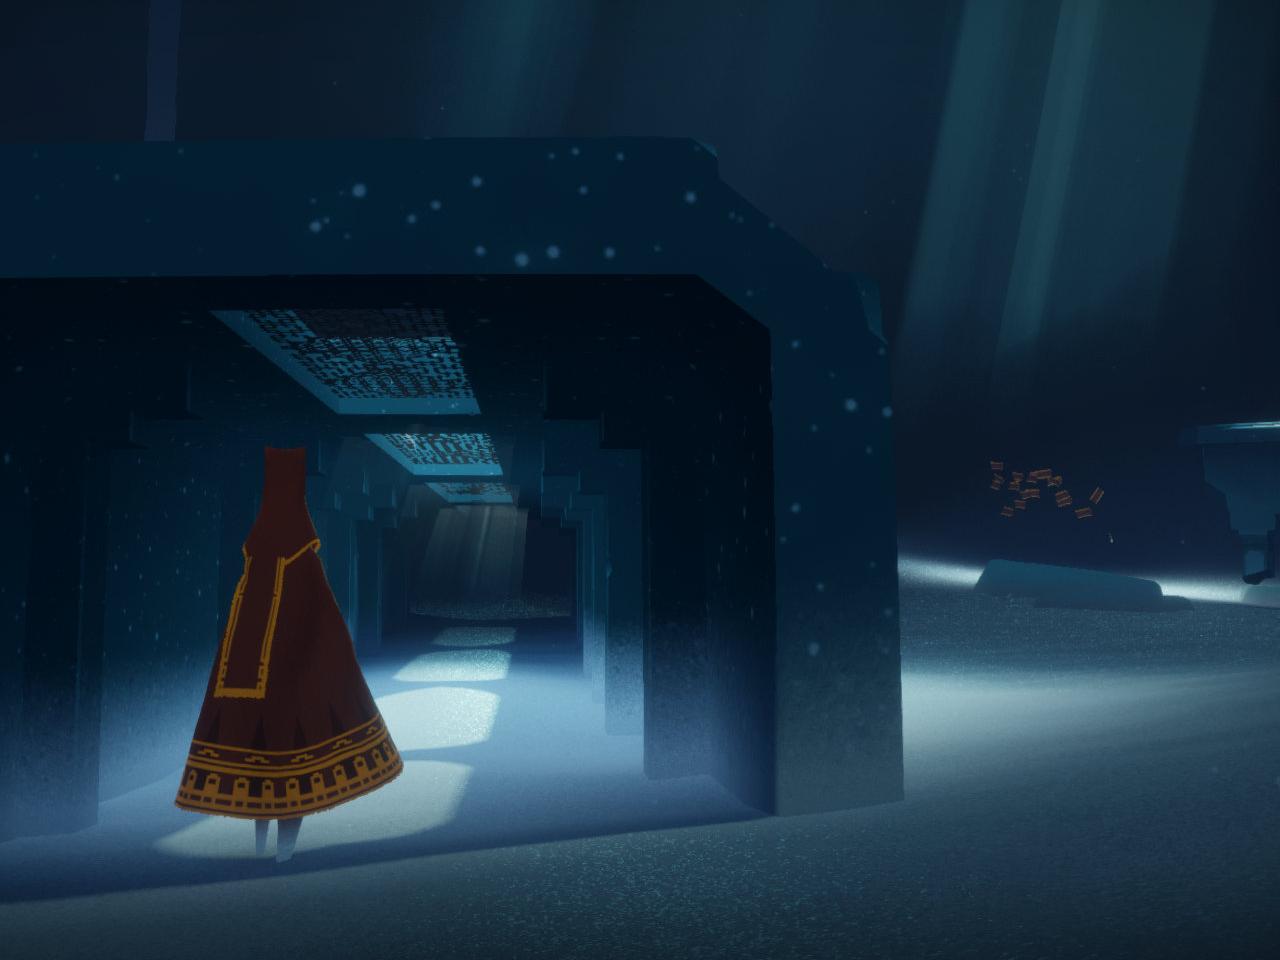 Journey gelingt das Spiel mit Licht und Schatten meisterhaft. (Bild: thatgamecompany)